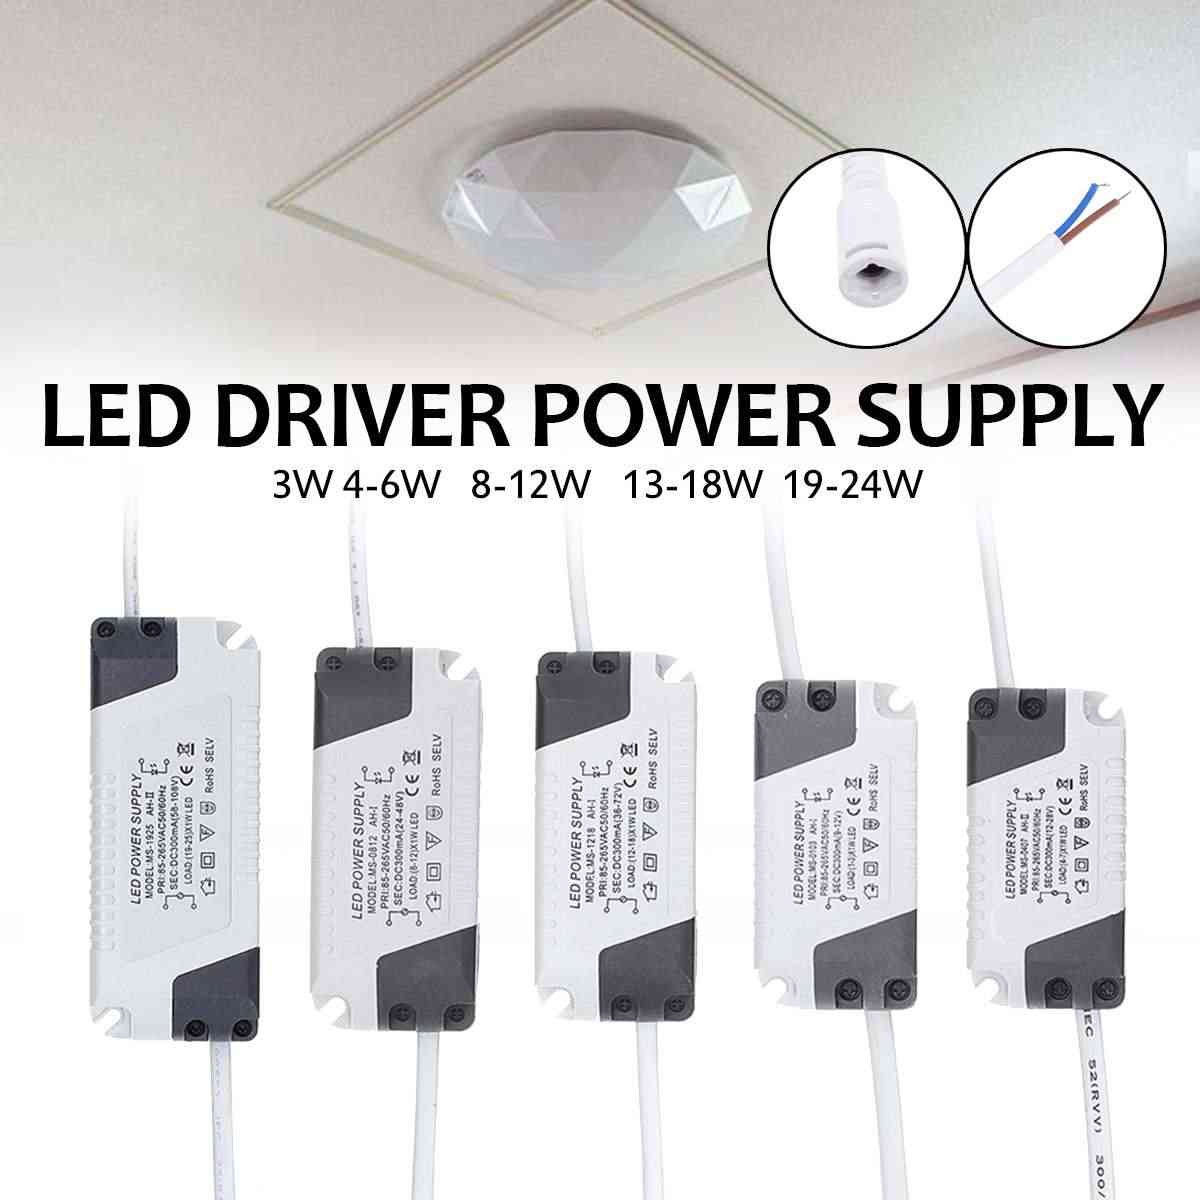 Светодиодный драйвер 300mA 85-265 V трансформатор постоянного тока для 3/4-7/8-12/13-18/19-24 W светодиодная лампа полосы